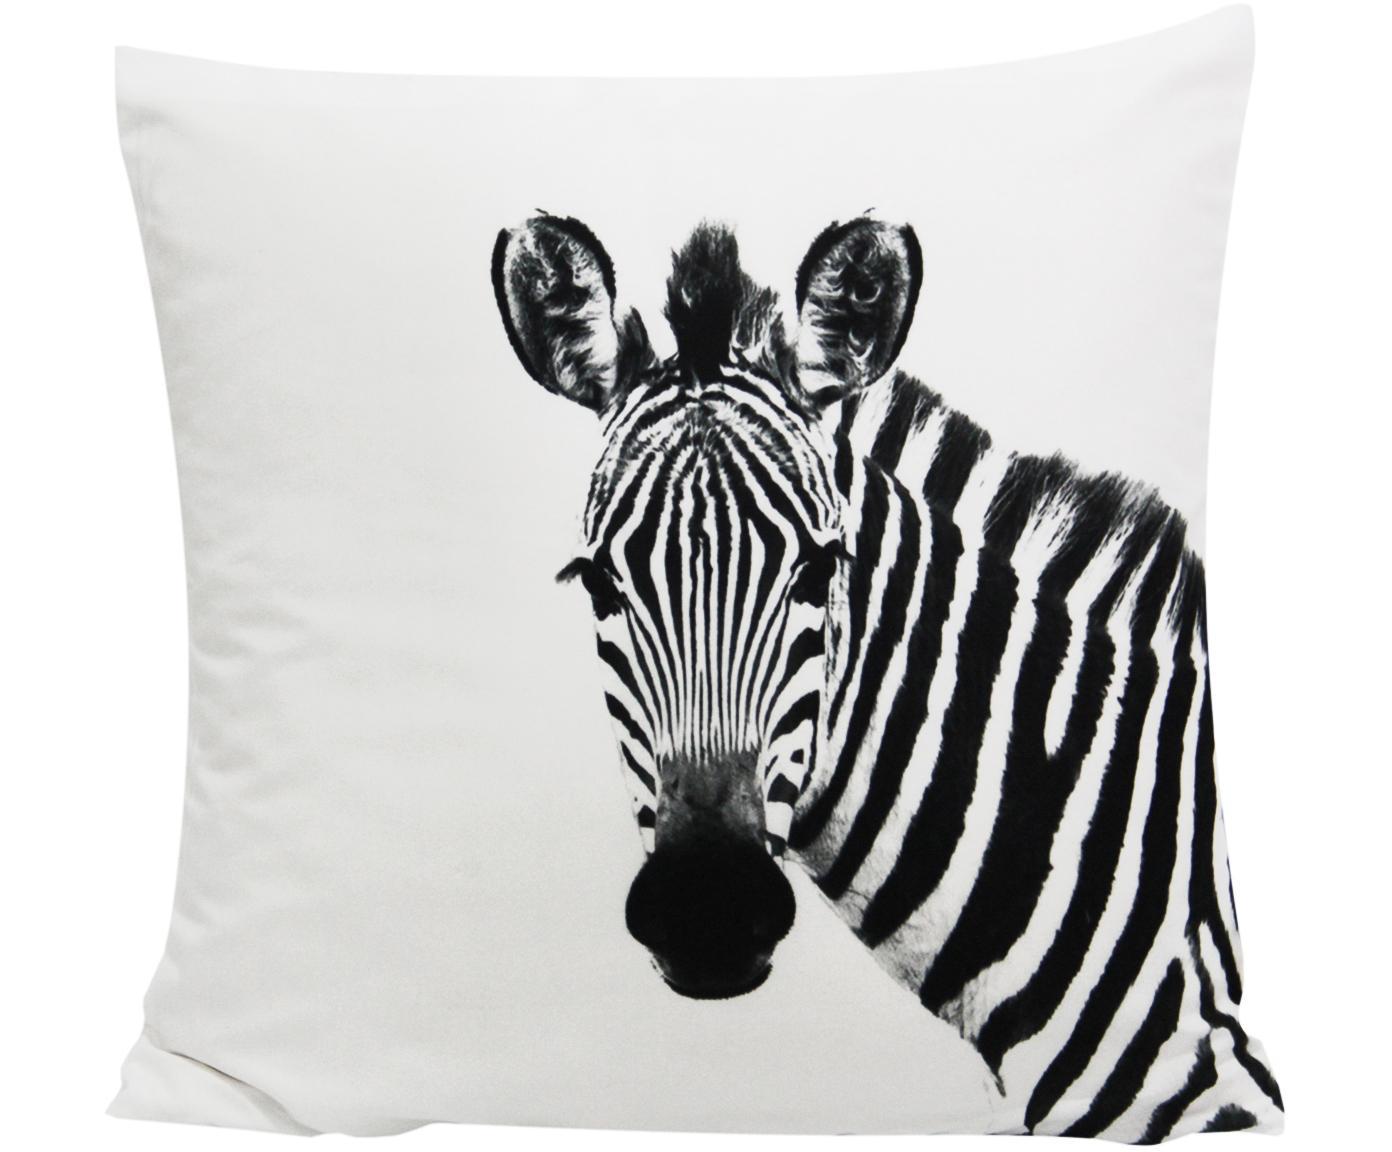 Kussenhoes Kelsey met zebra motief in zwart/wit, Polyester, Wit, zwart, 45 x 45 cm